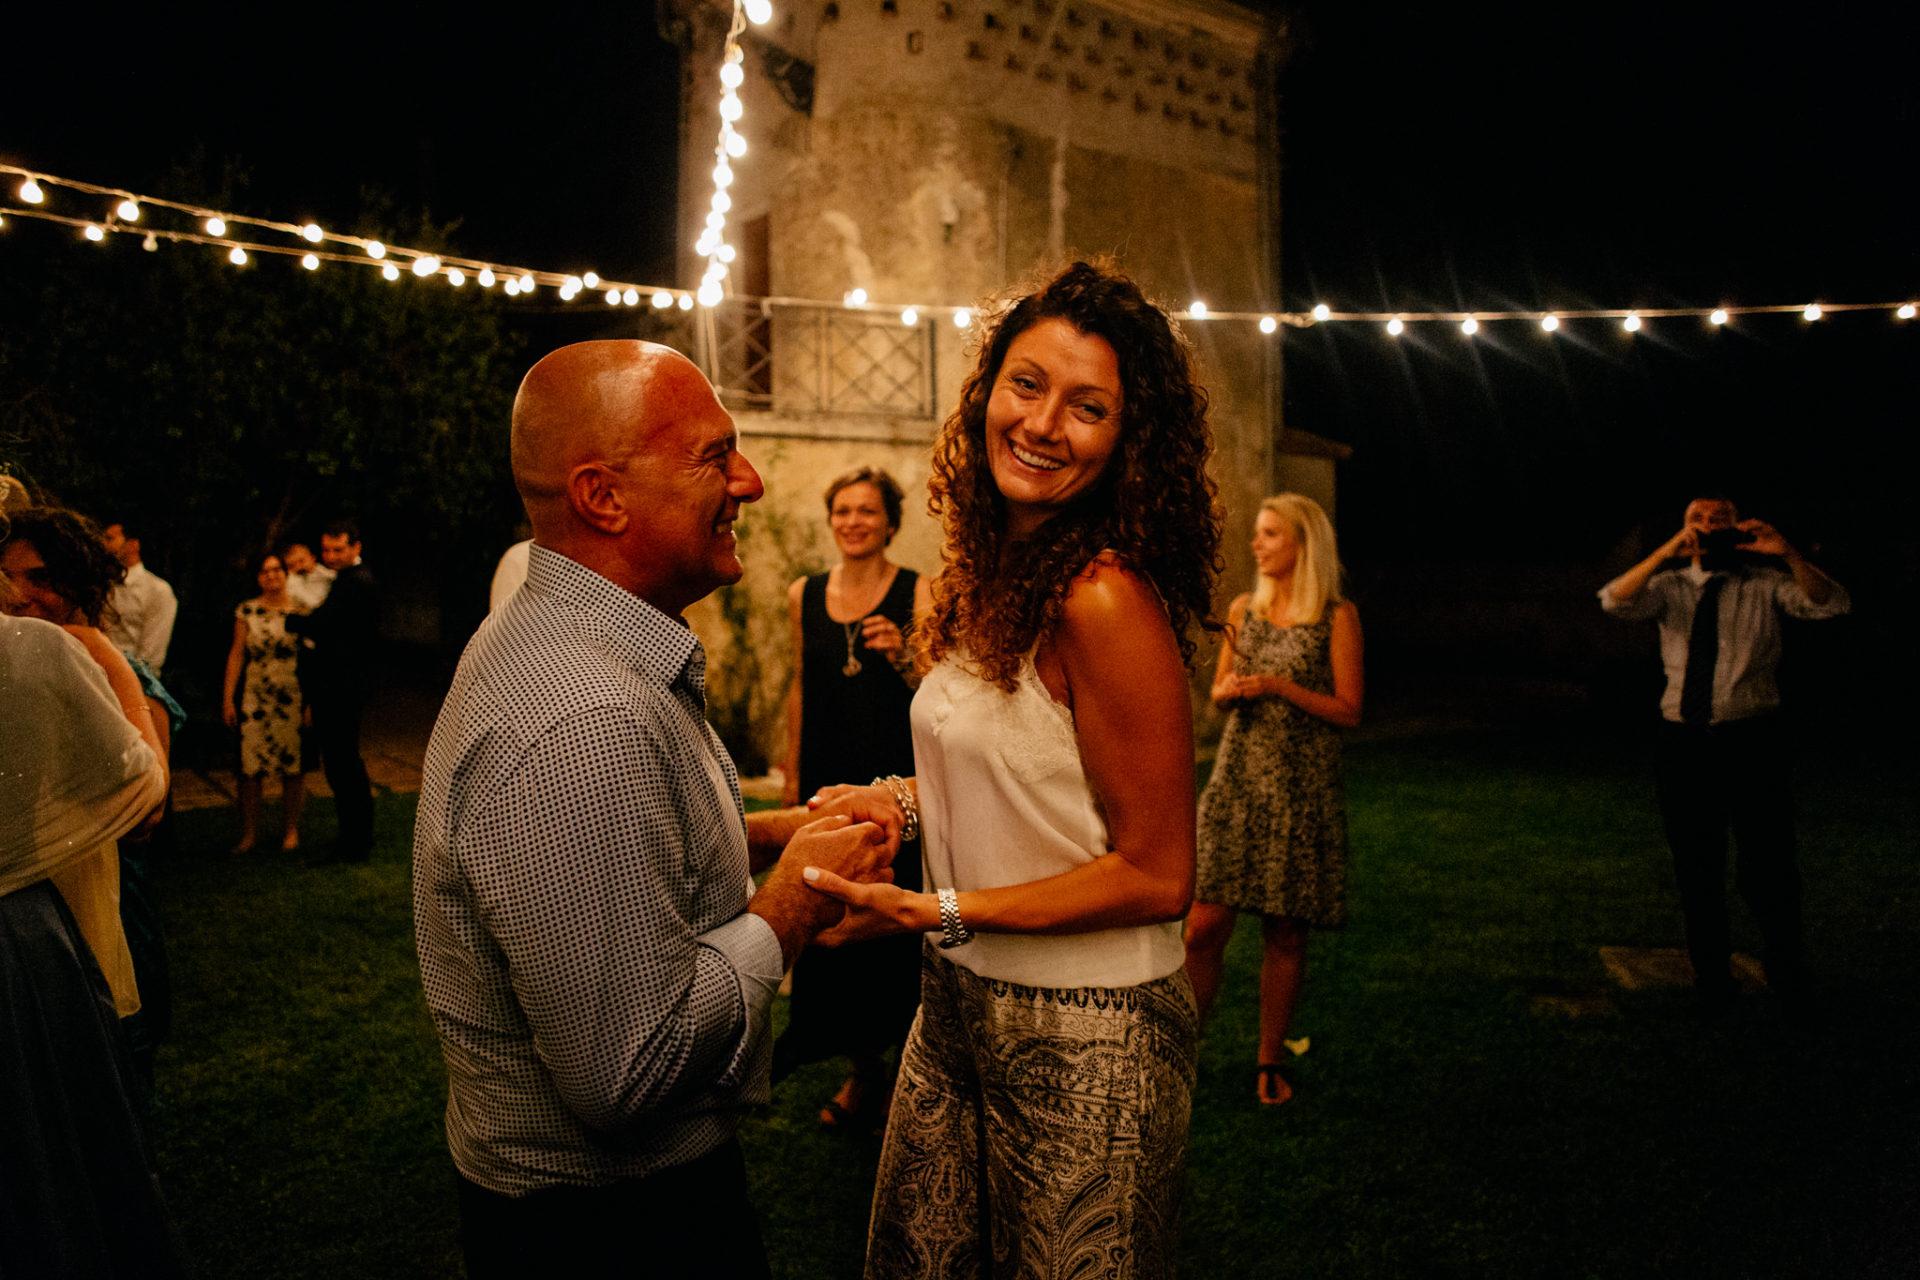 Hochzeitsfotograf Amalfi Küste-heiraten Italien-Party tanzen